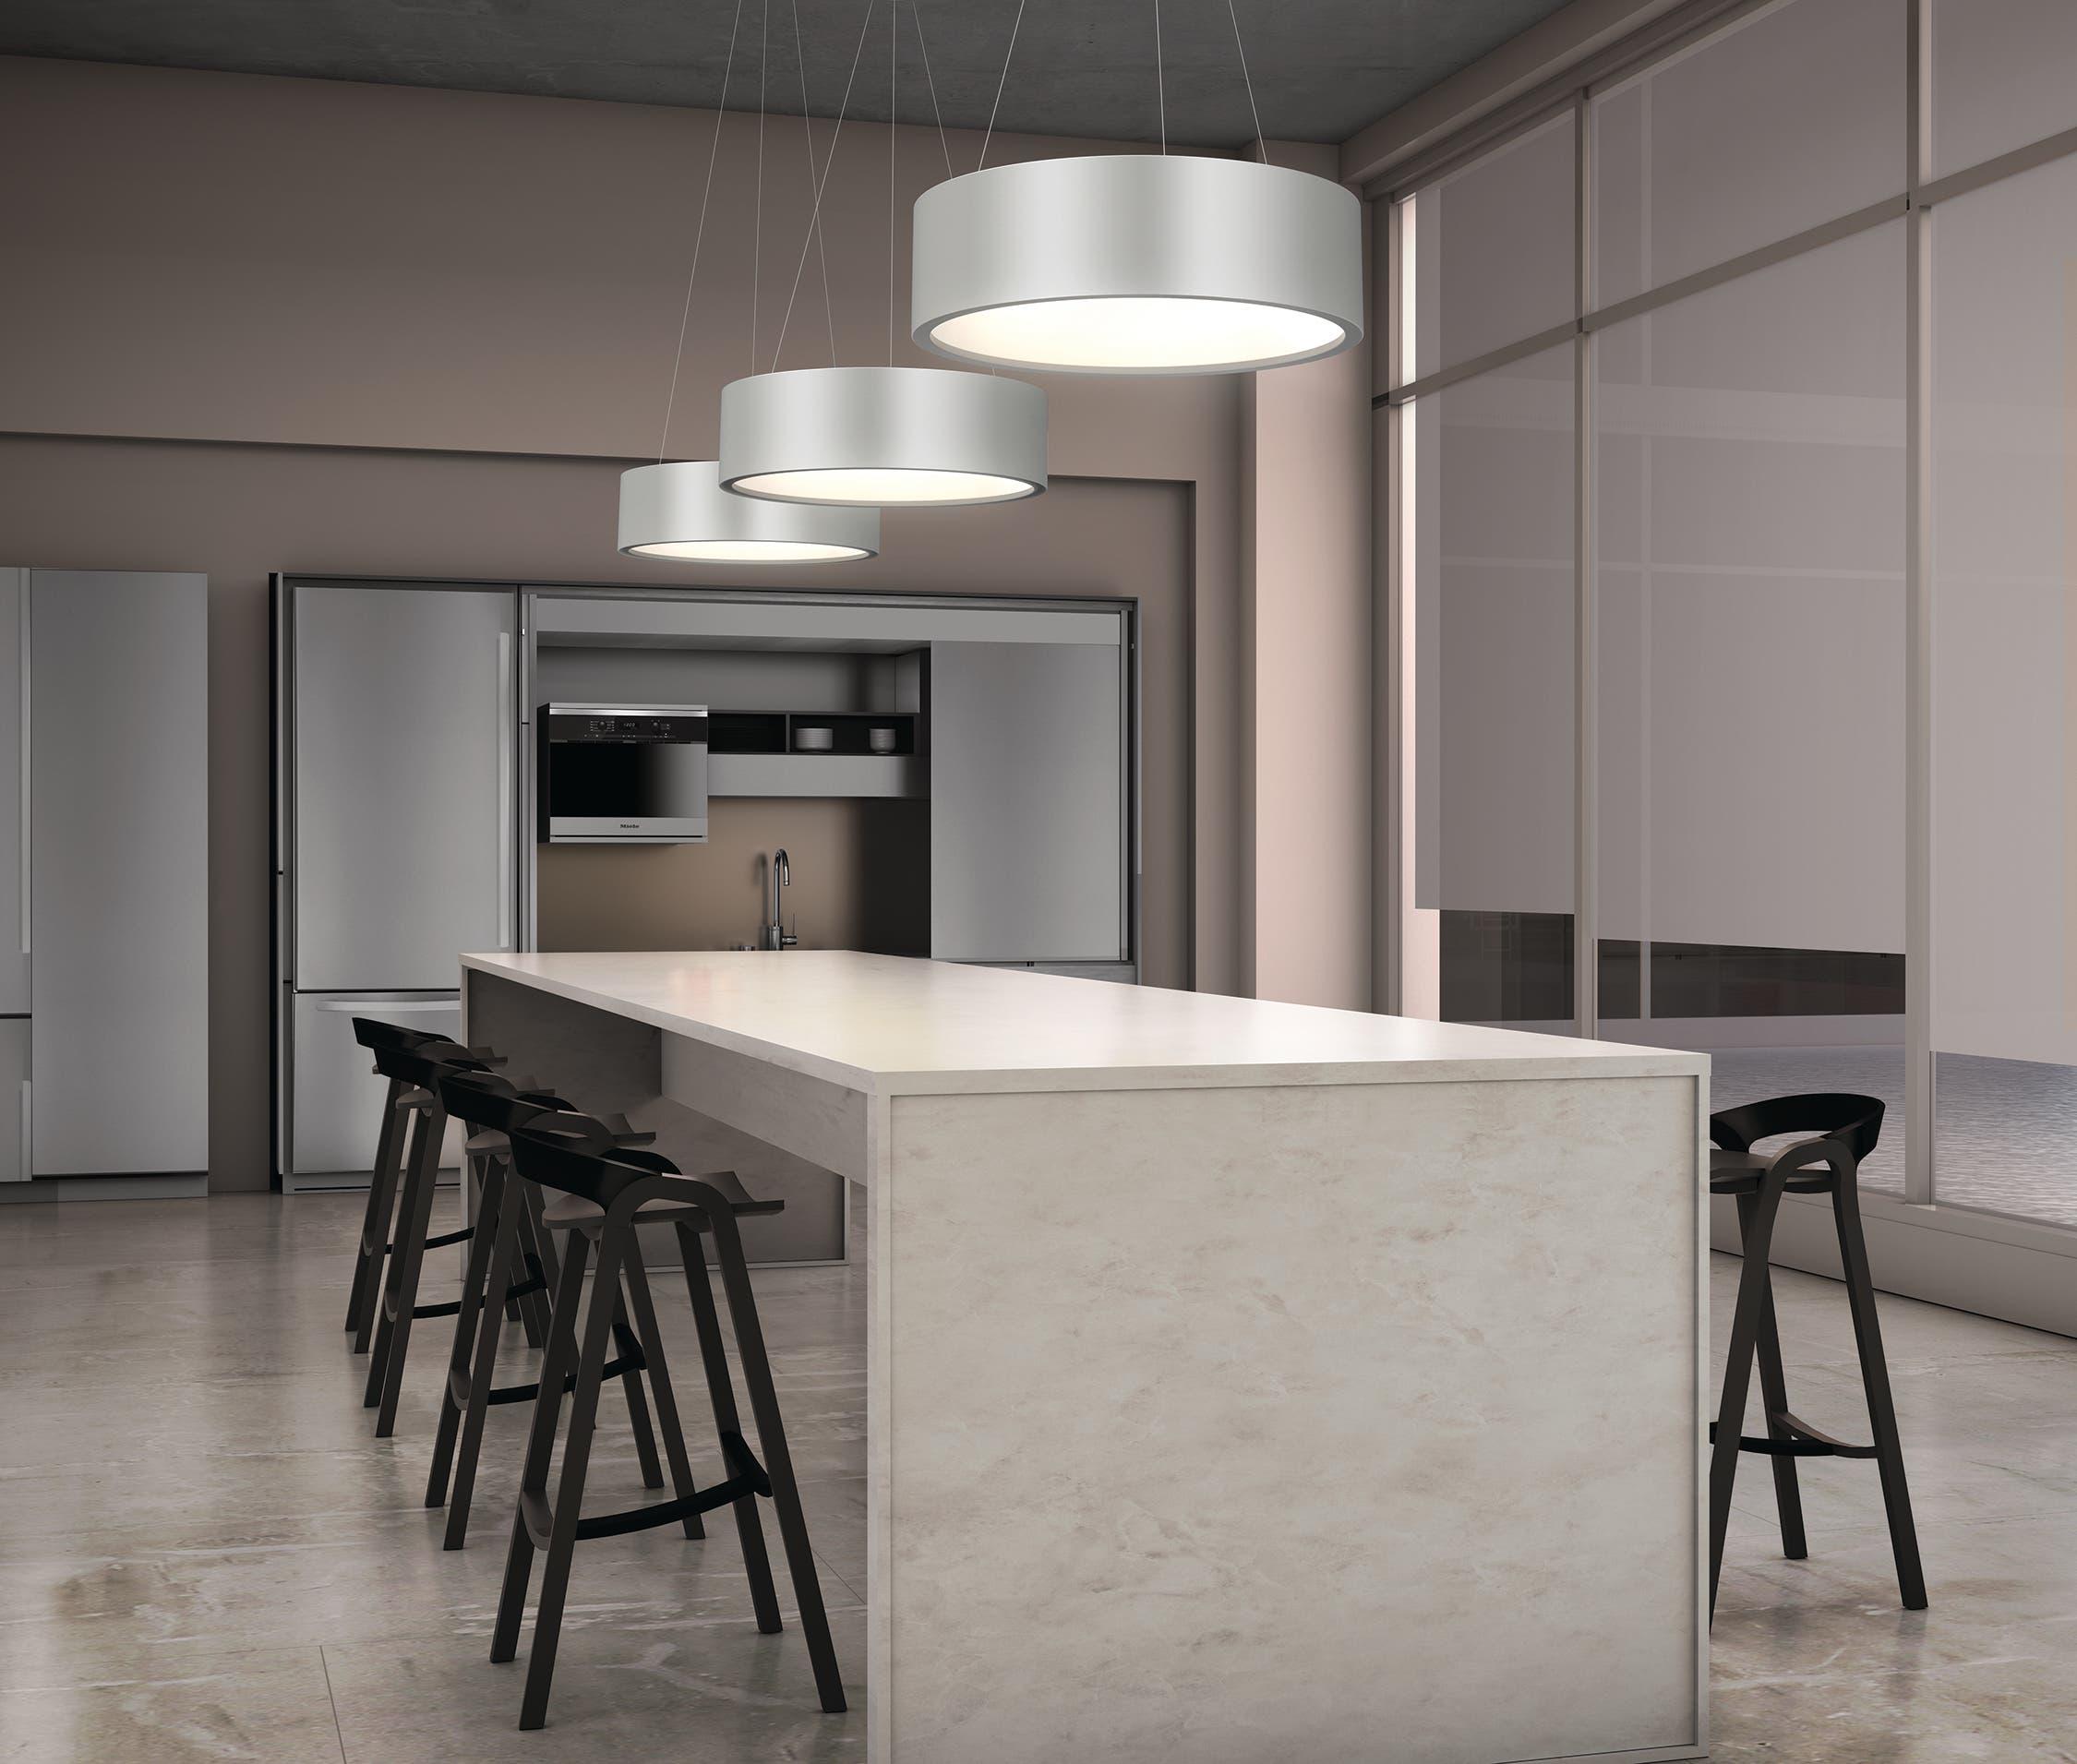 sonneman Tromme LED Pendant kitchen